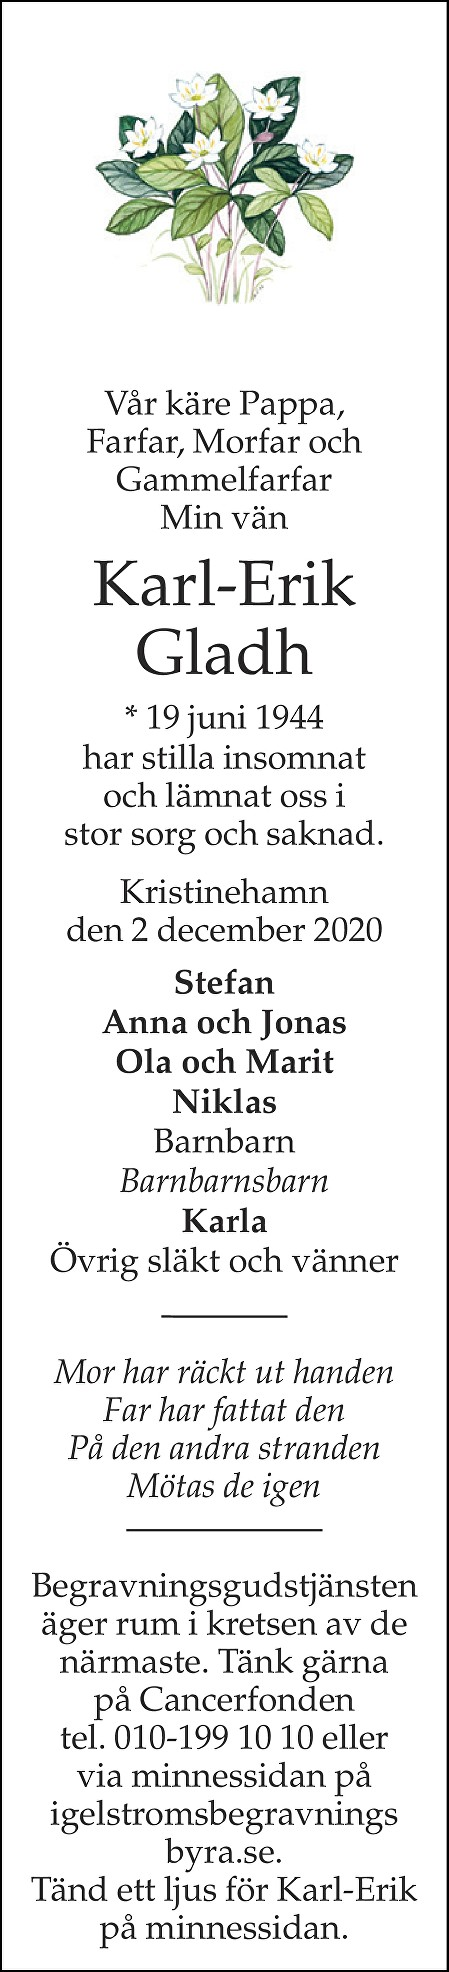 Karl-Erik Gladh Death notice